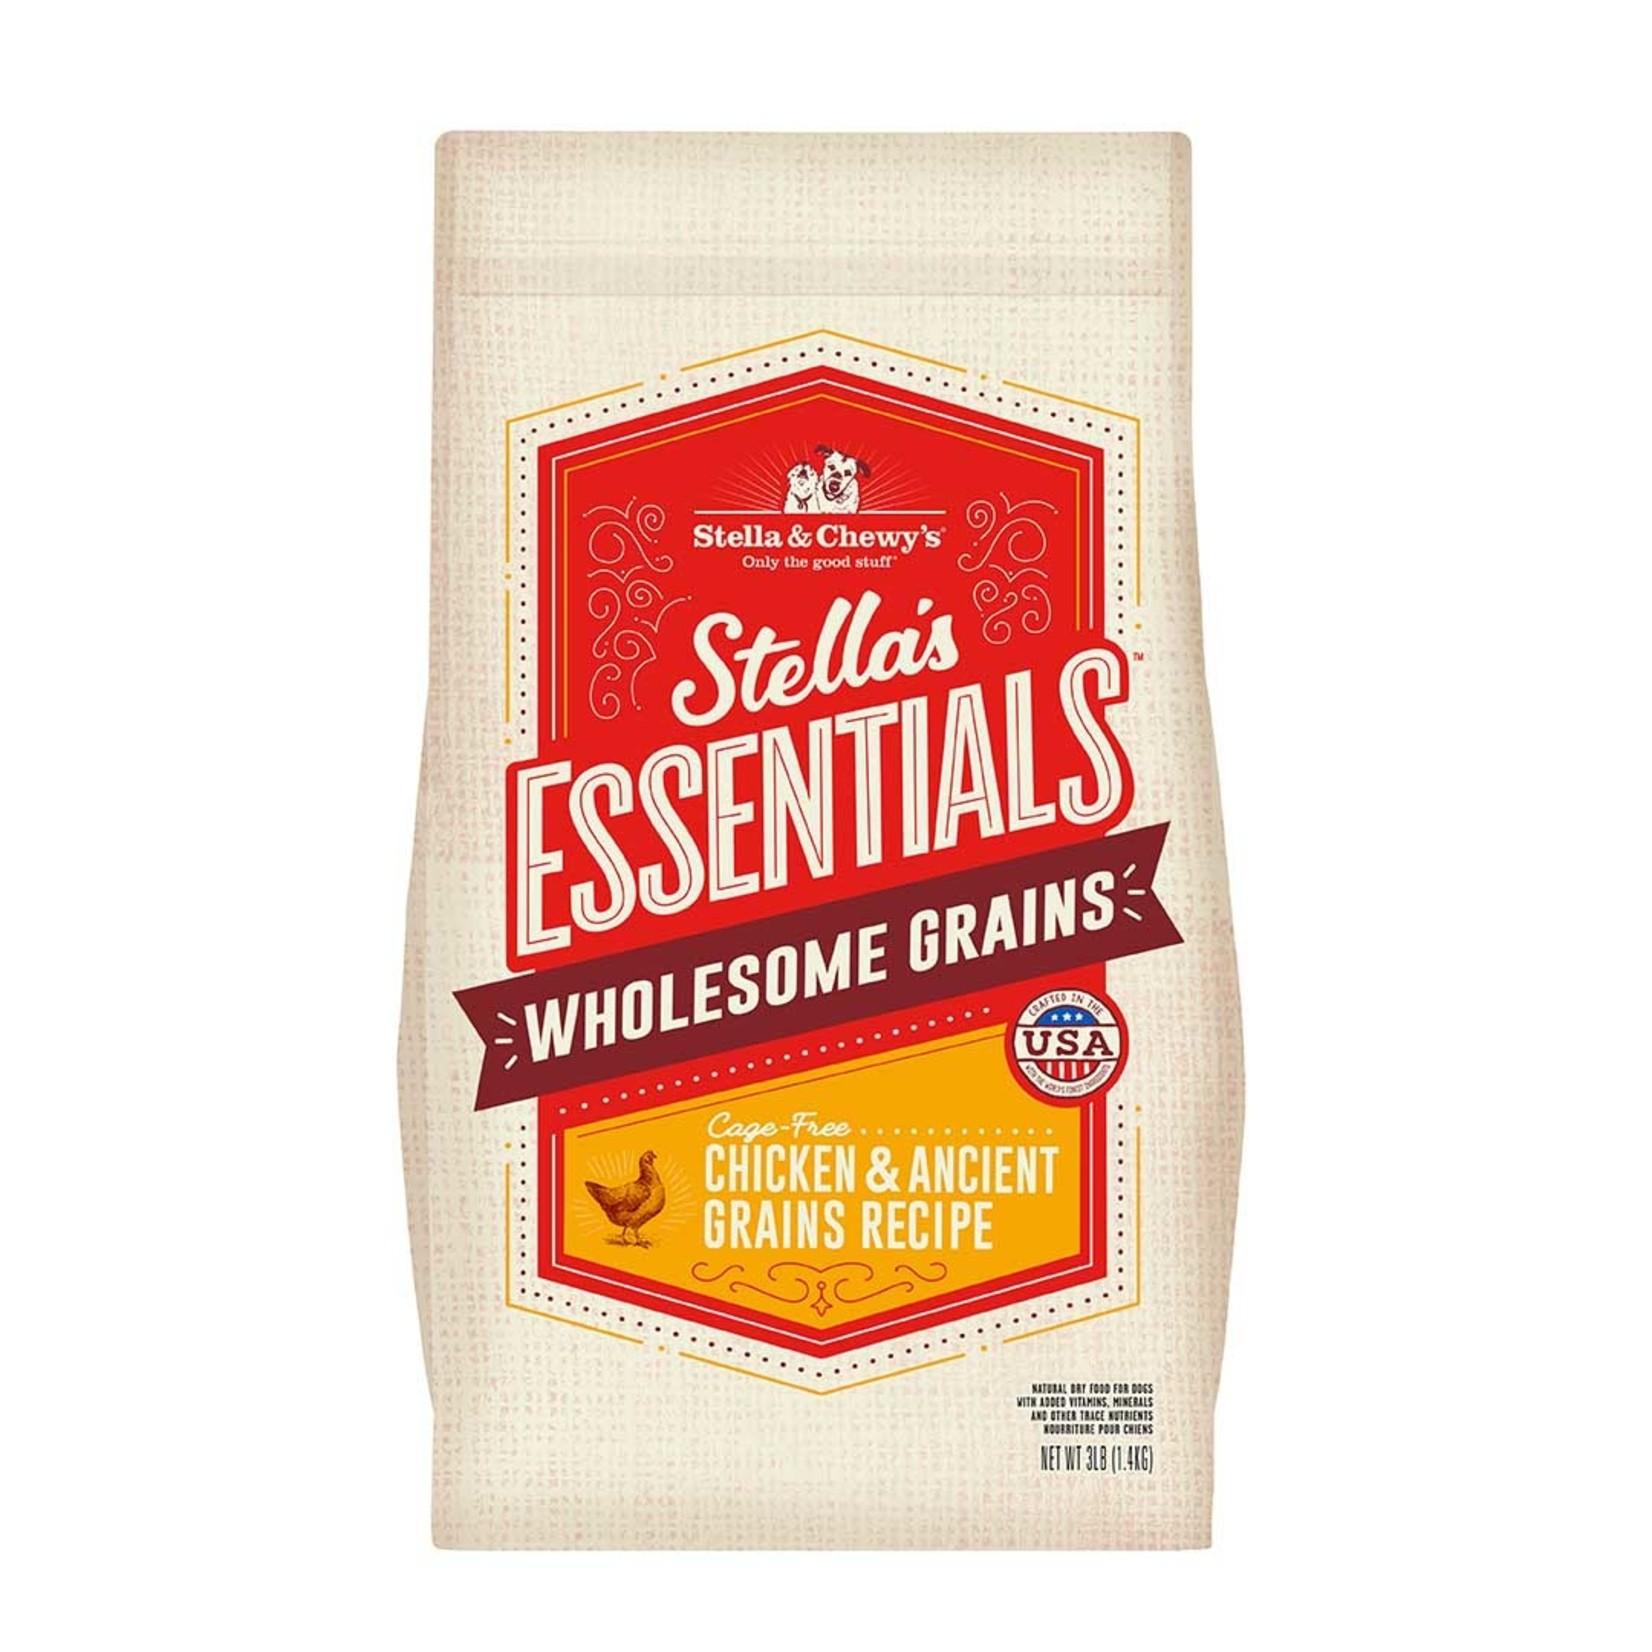 Stella & Chewys Stella & Chewy's Essentials Cage-Free Chicken & Ancient Grains Dog Food